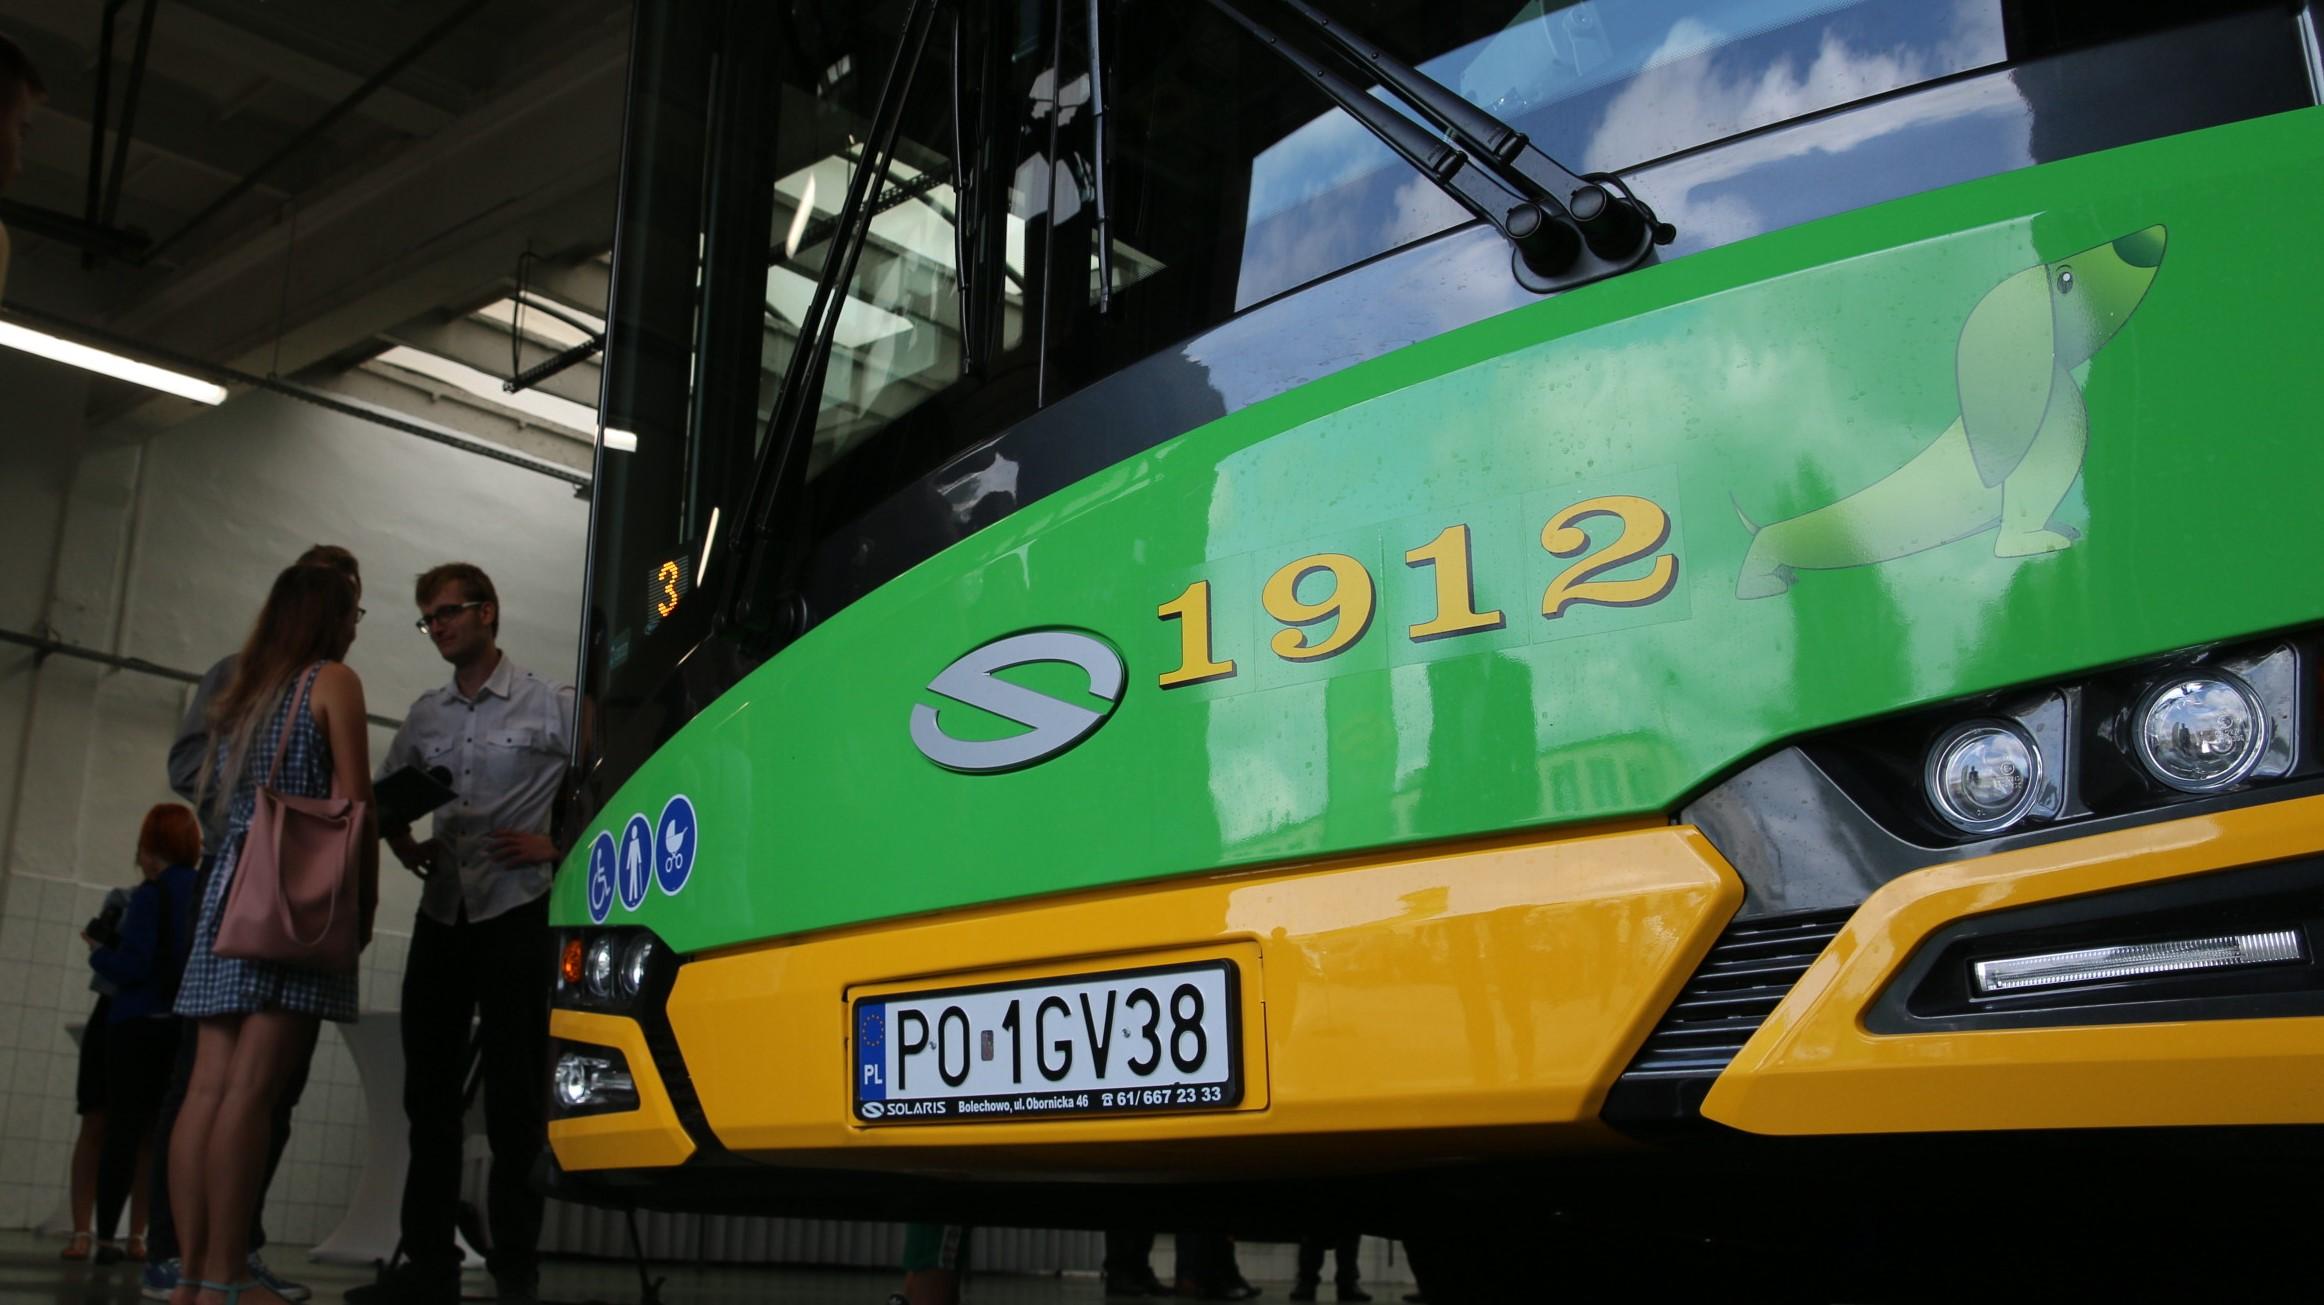 nowe autobusy solaris poznań mpk - Błażej Prochera